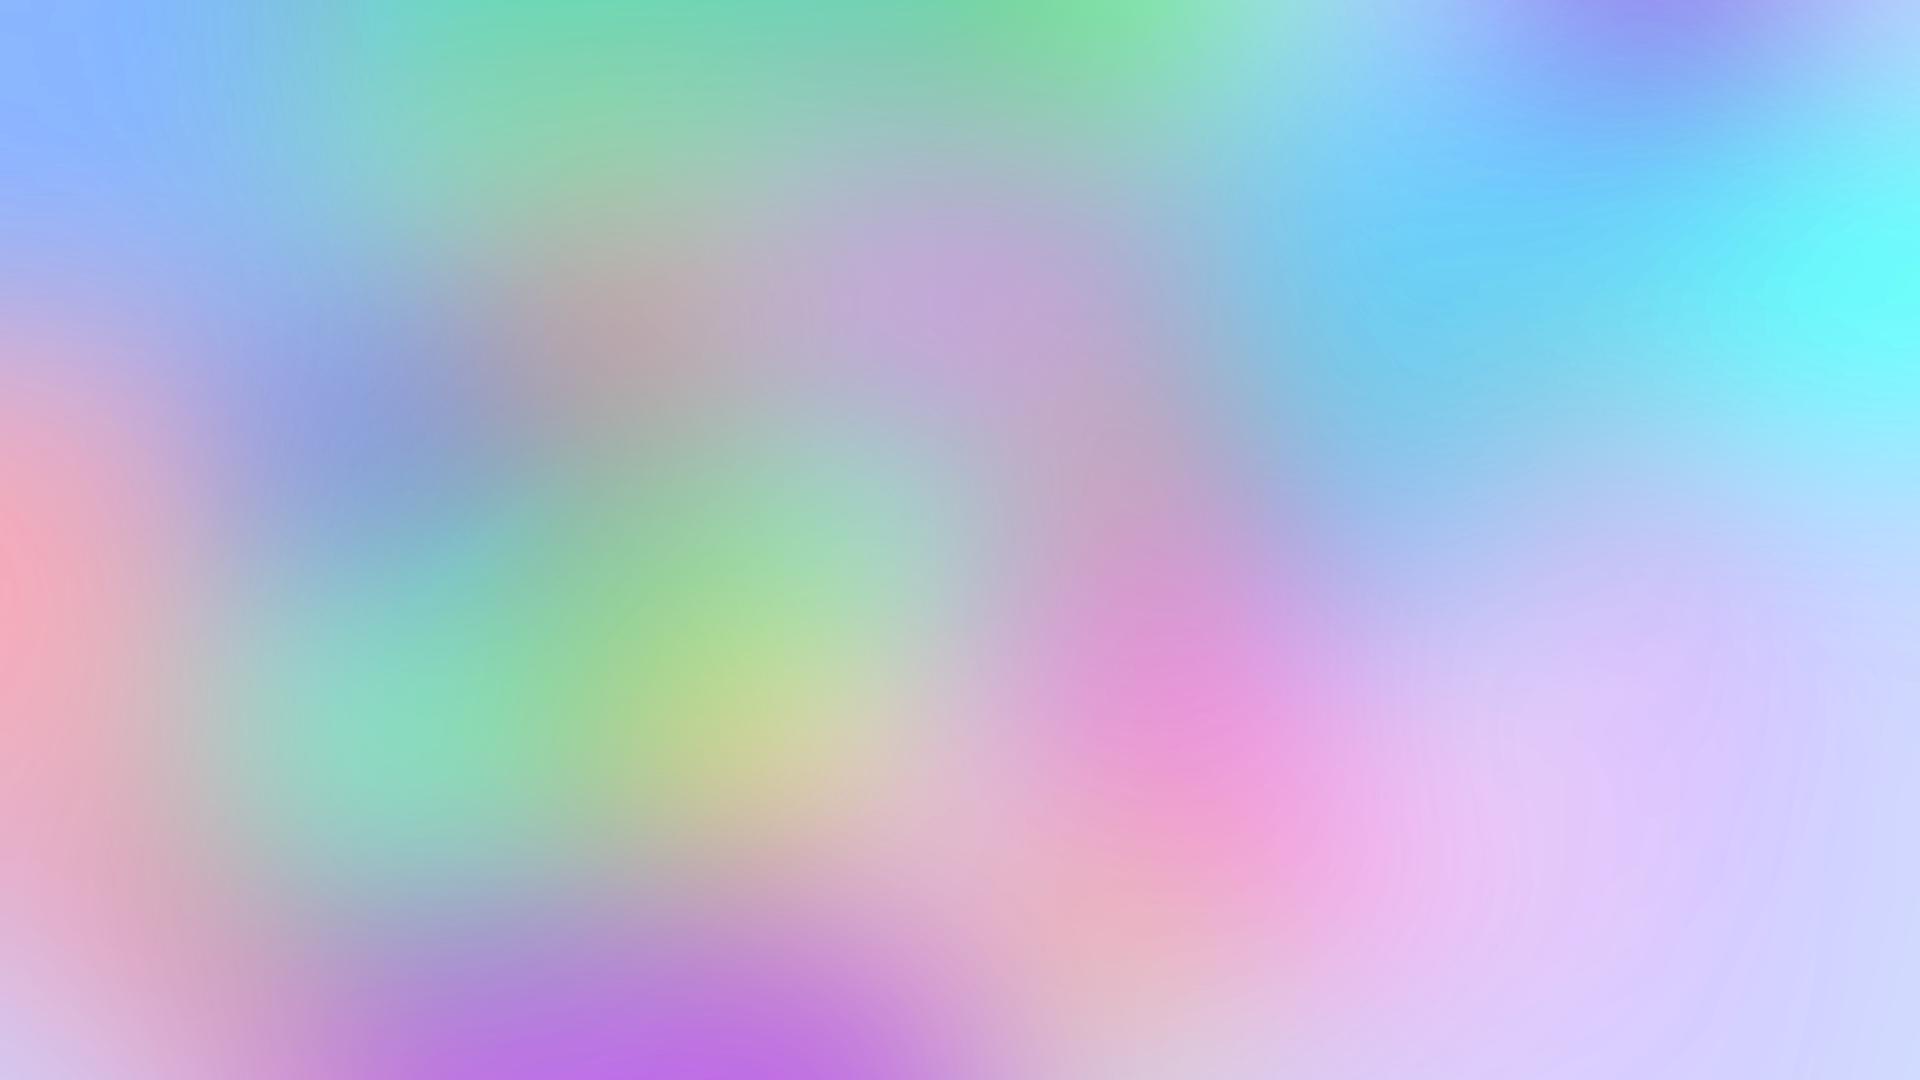 Home Wallpaper HD pastel colors wallpaper 1920x1080